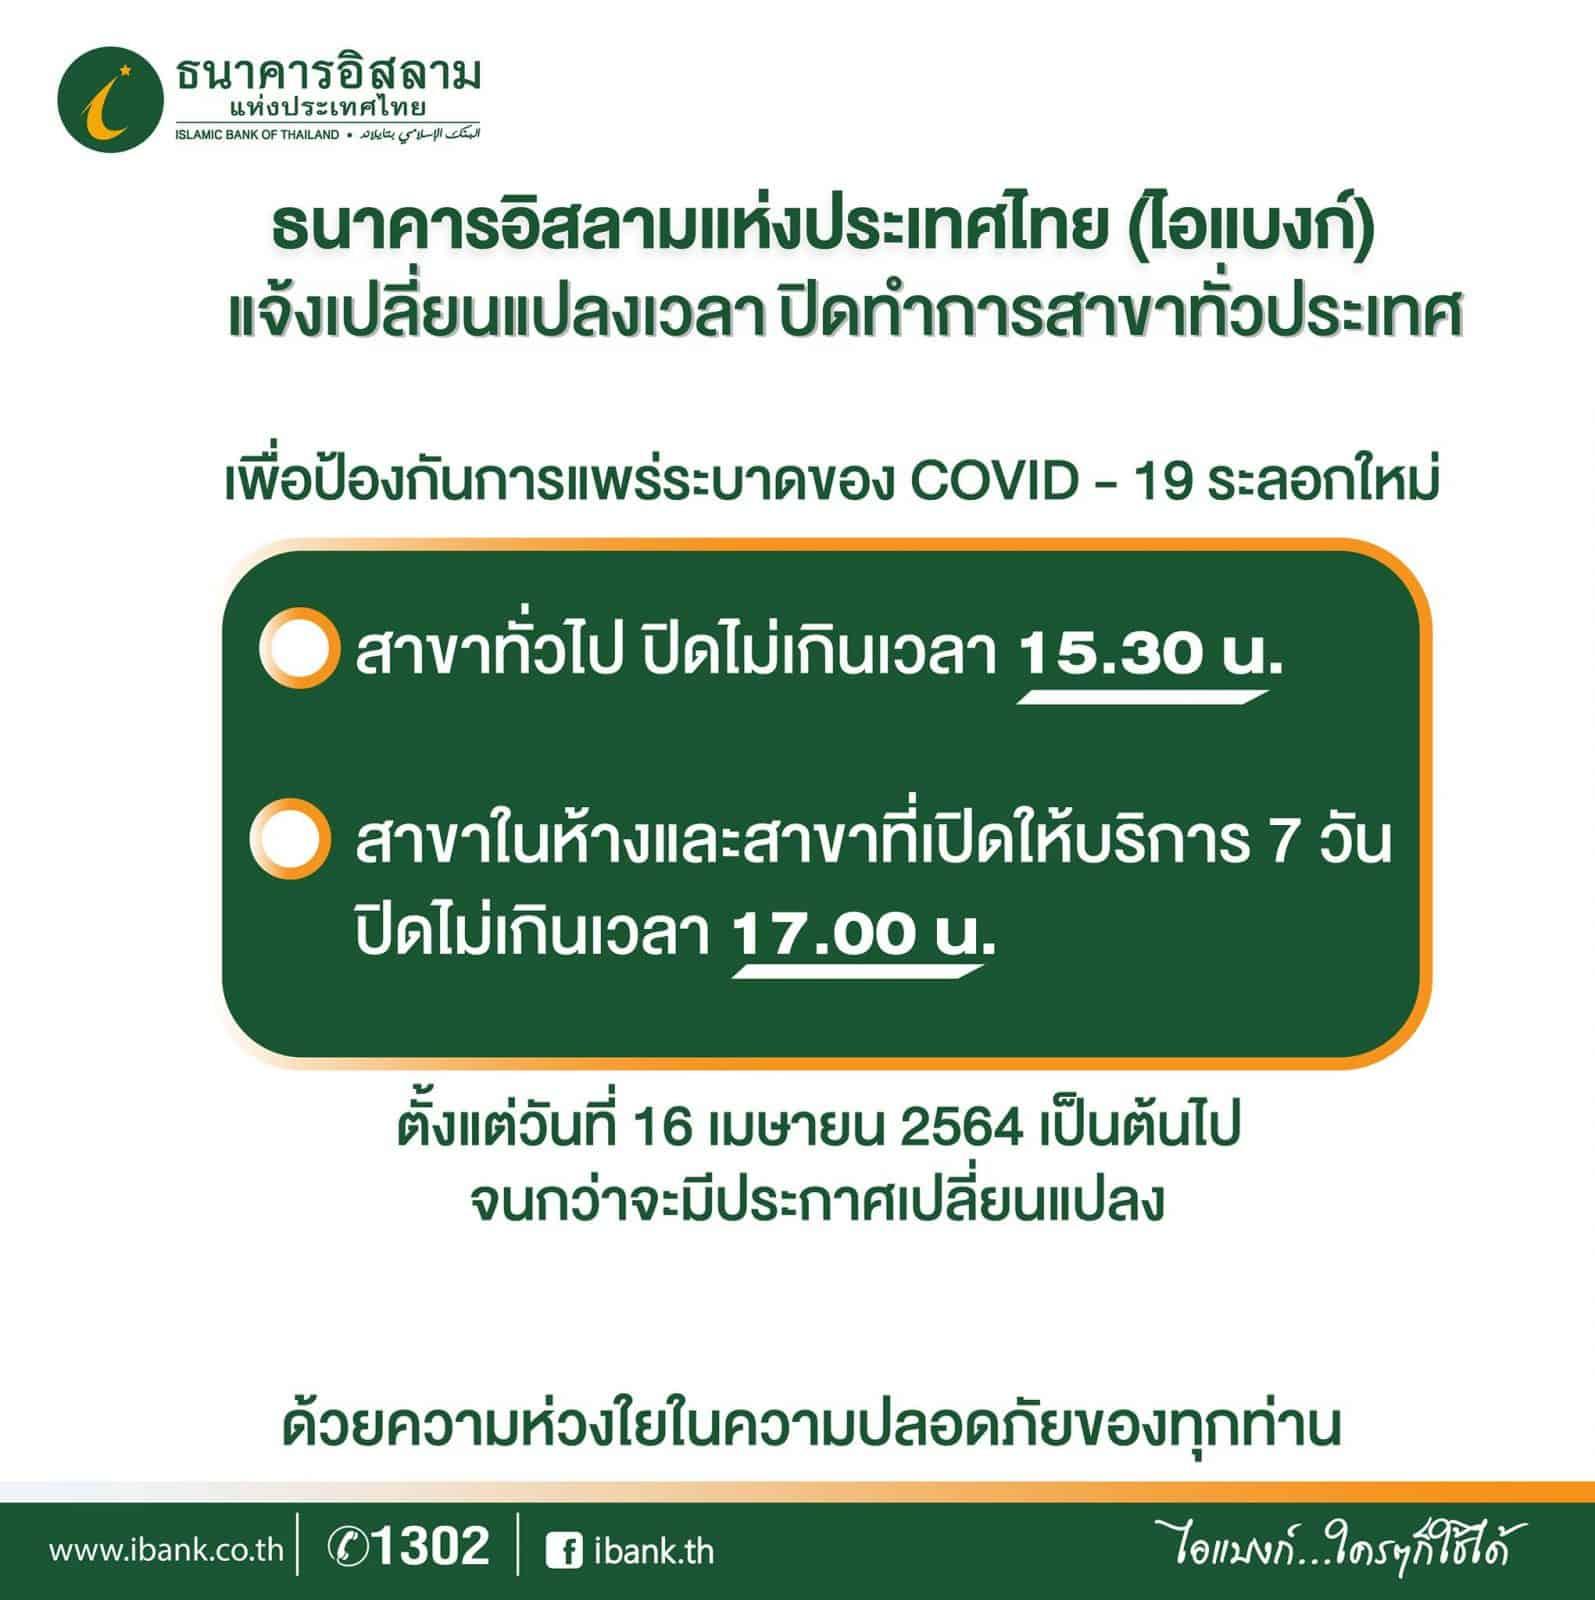 [เช็คสาขา] ธนาคารในห้างปิดกี่โมง ? ที่ไหนบ้างปิดไม่เกินเวลา 17.00 น. (โควิด-19 ระลอกใหม่) รอบ 3